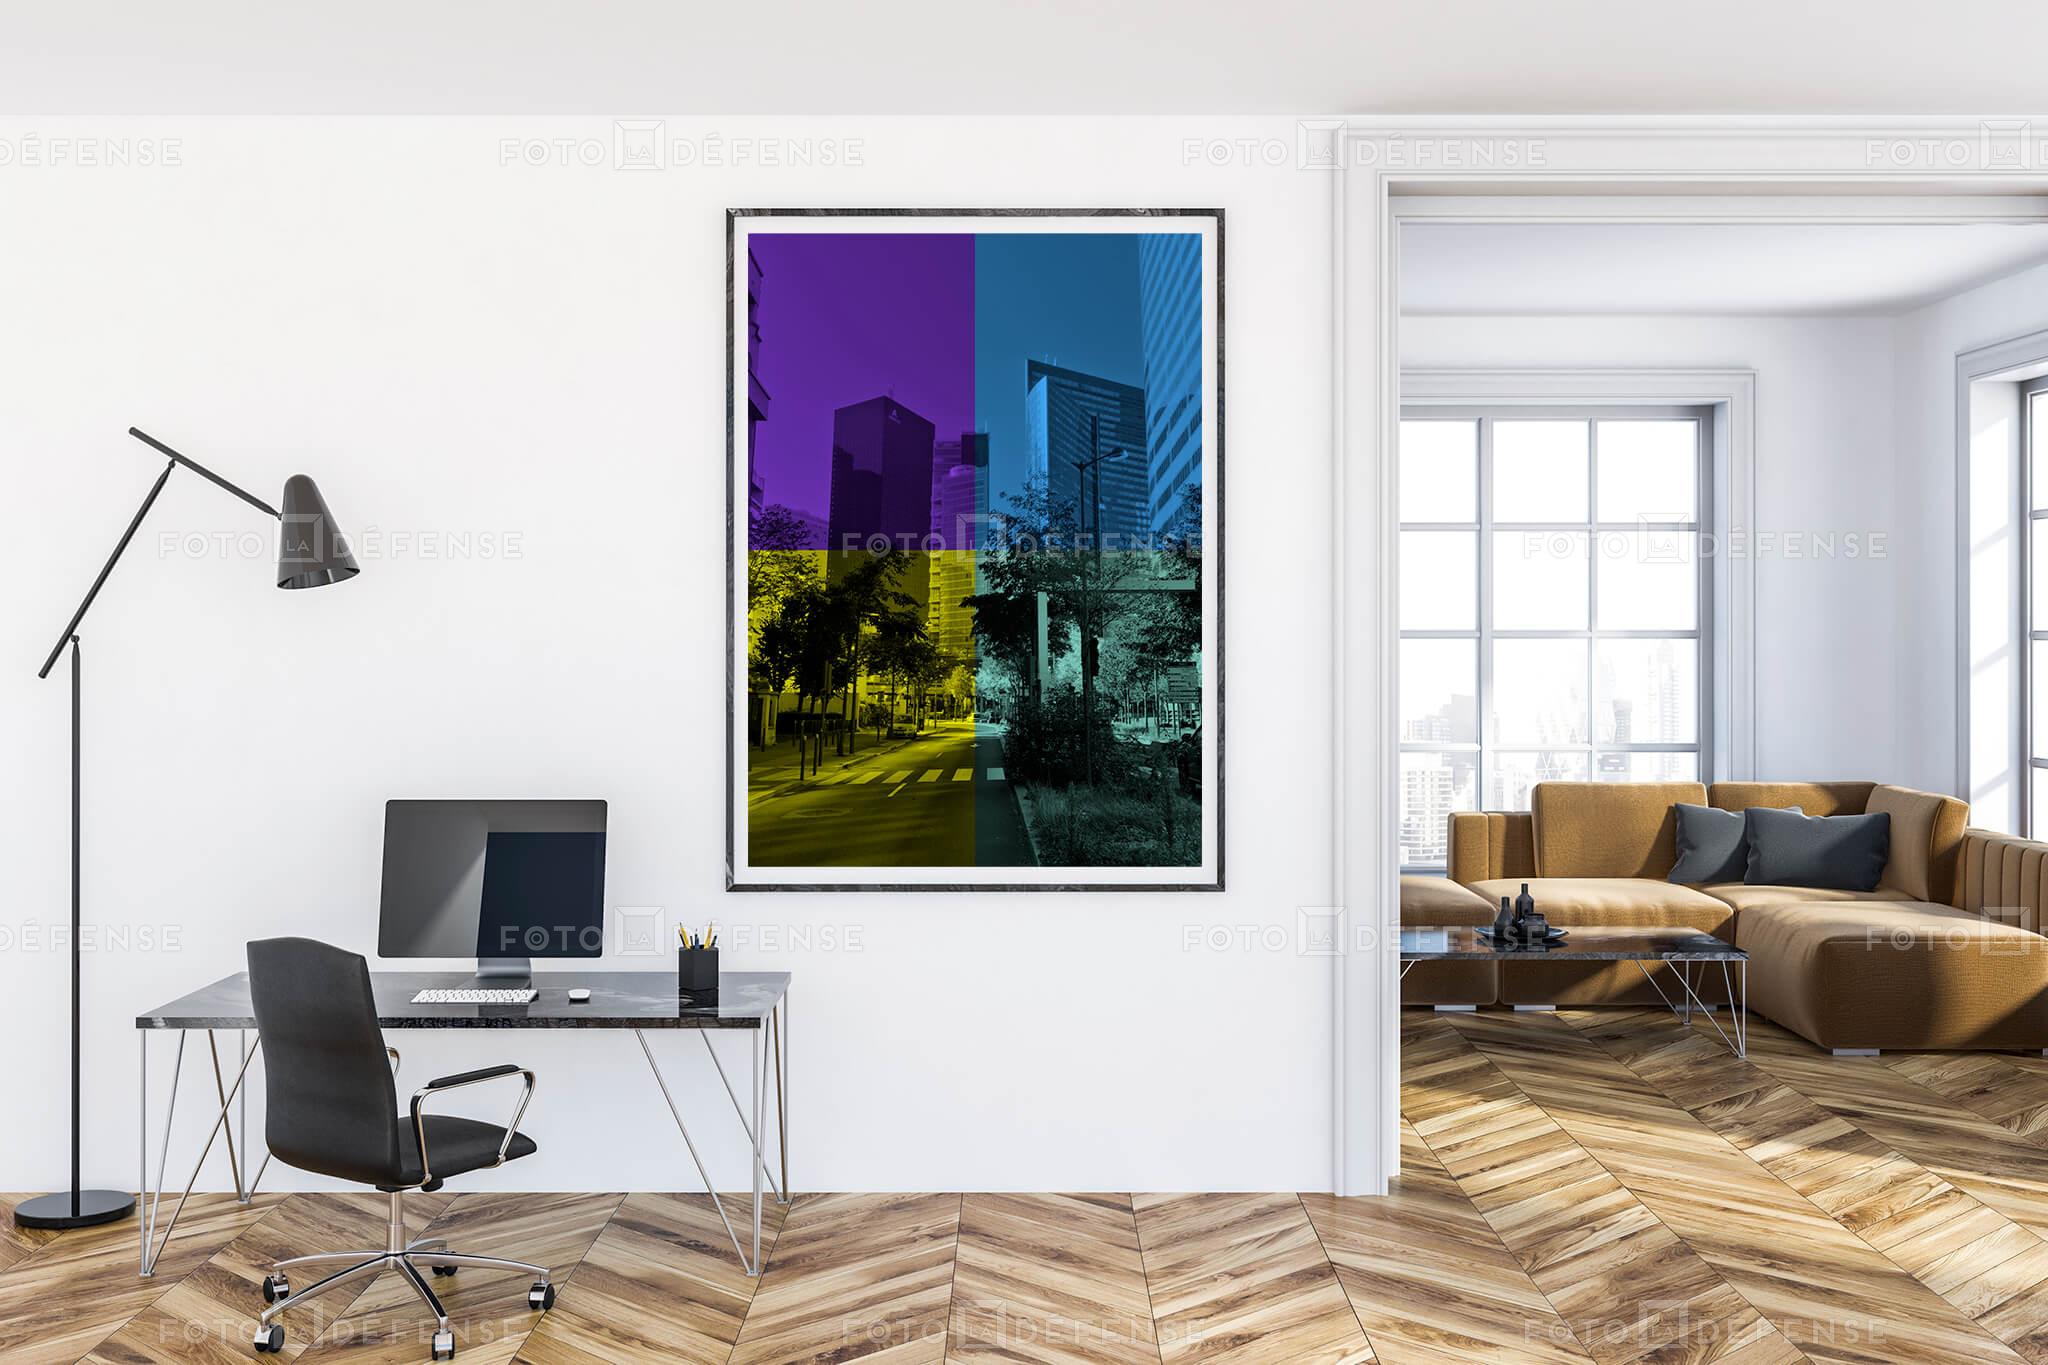 Quartier De La Défense Banque d'images